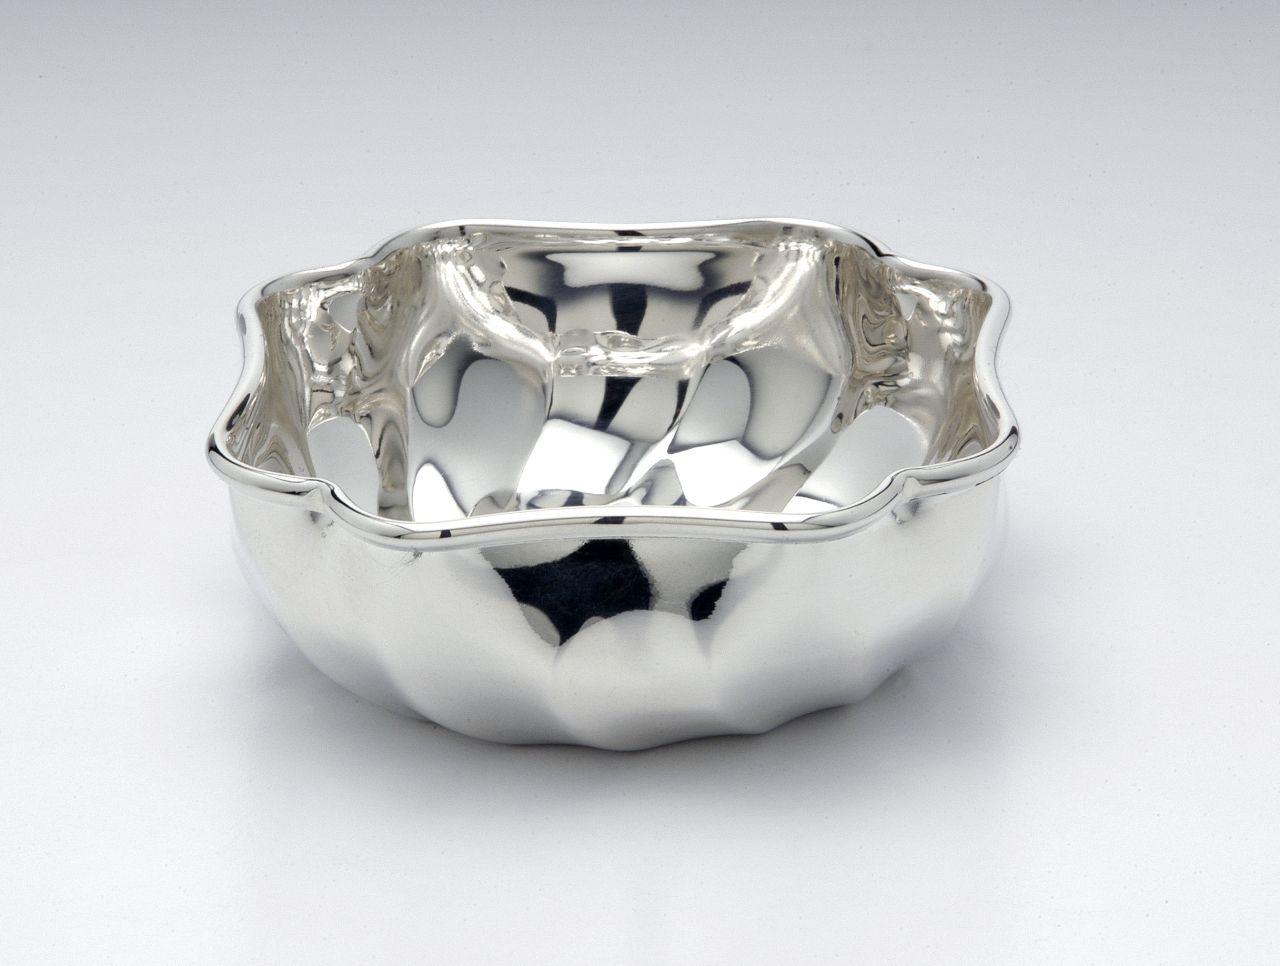 Ciotola torciglione placcata argento